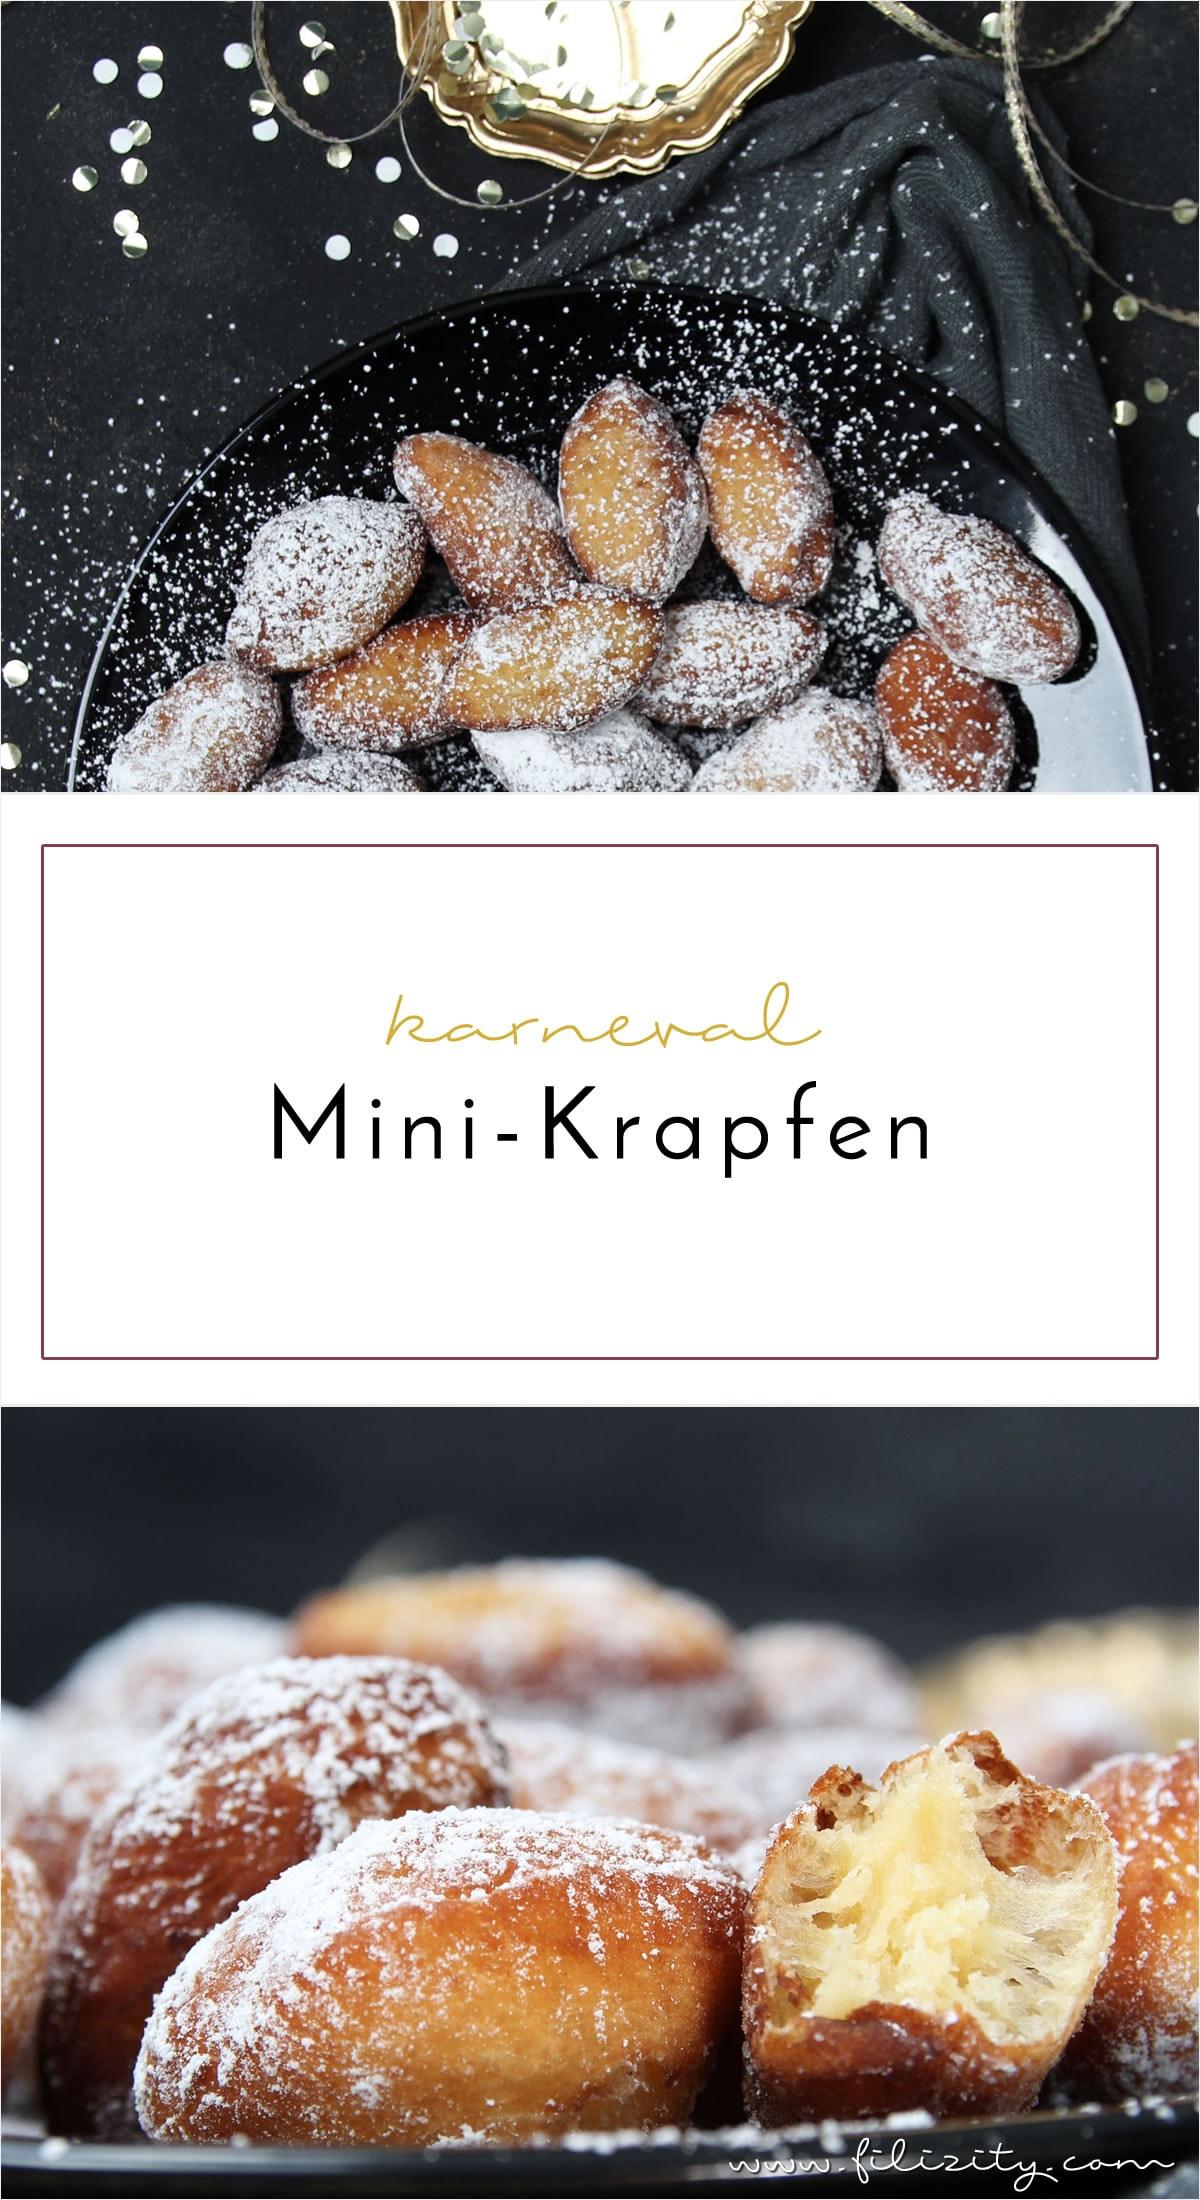 Fasching-Rezept: Mini-Krapfen